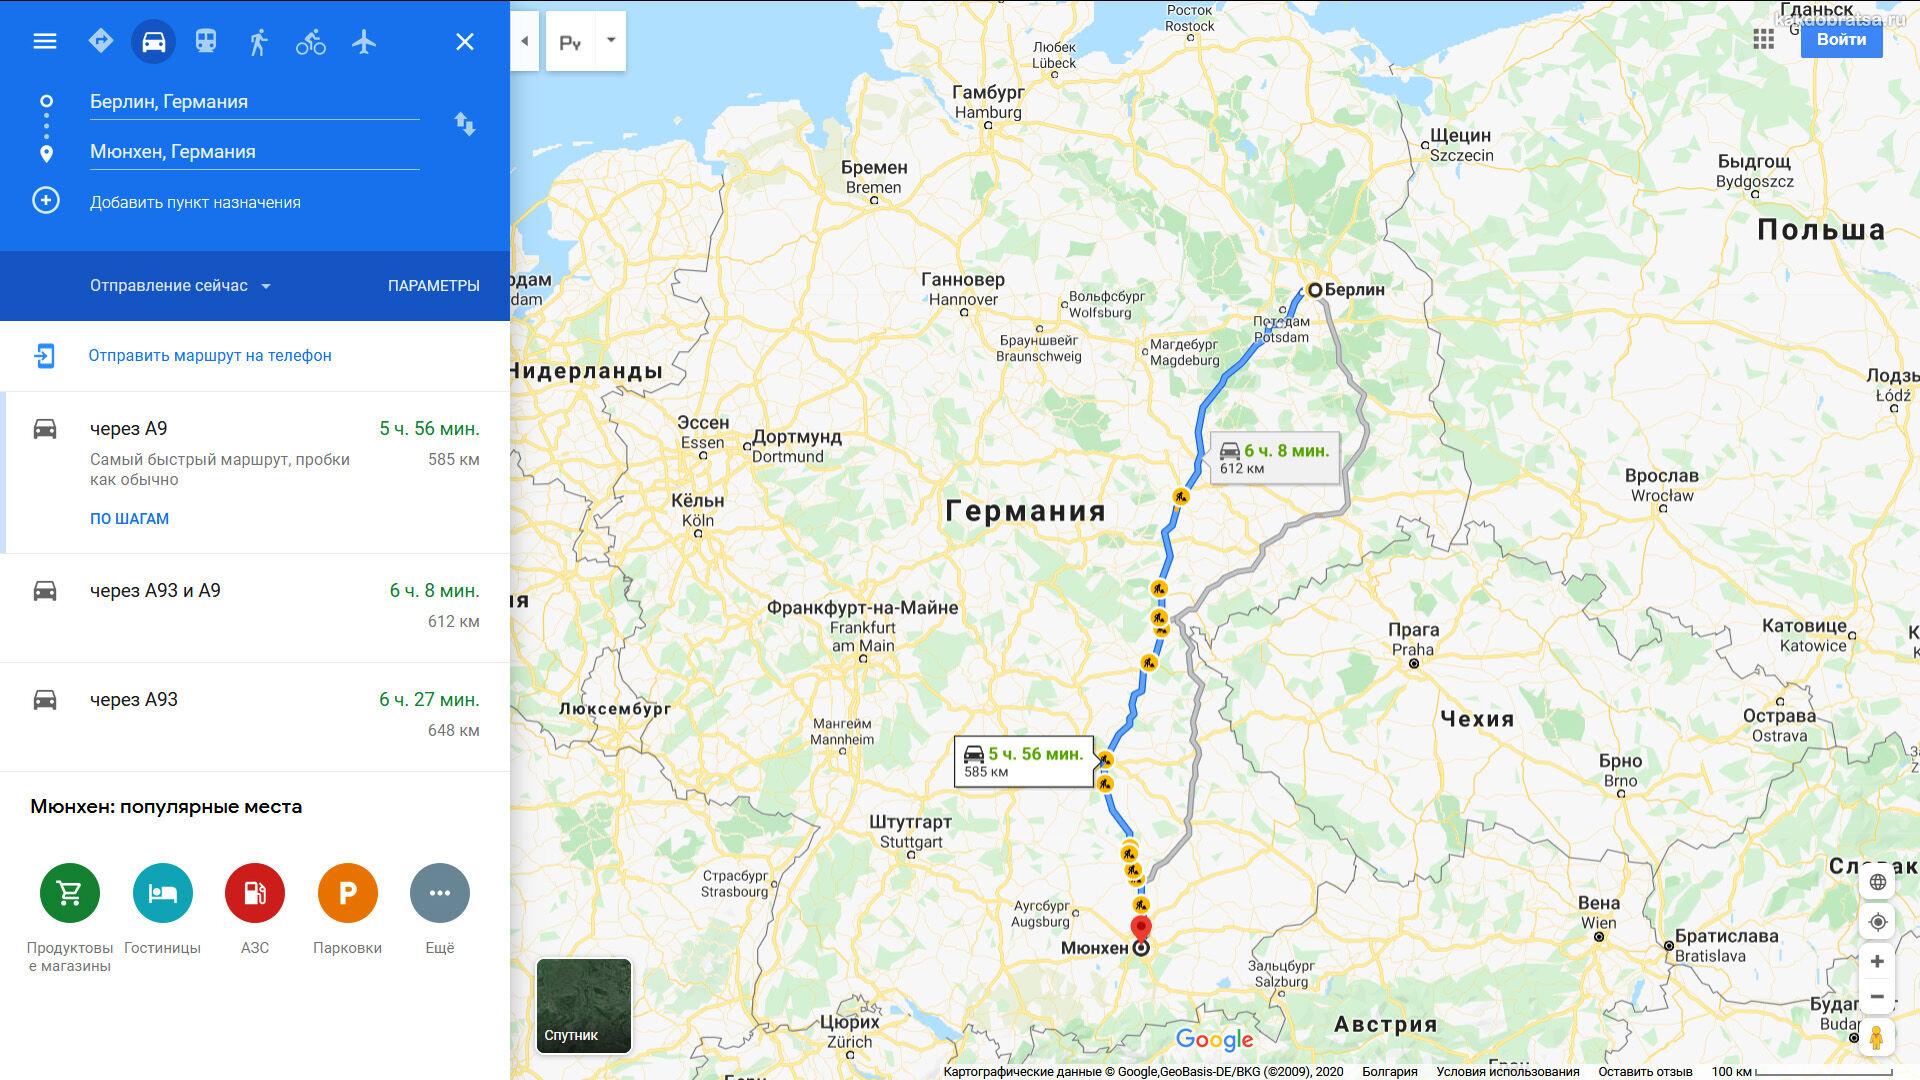 Берлин Мюнхен расстояние и время в пути по карте